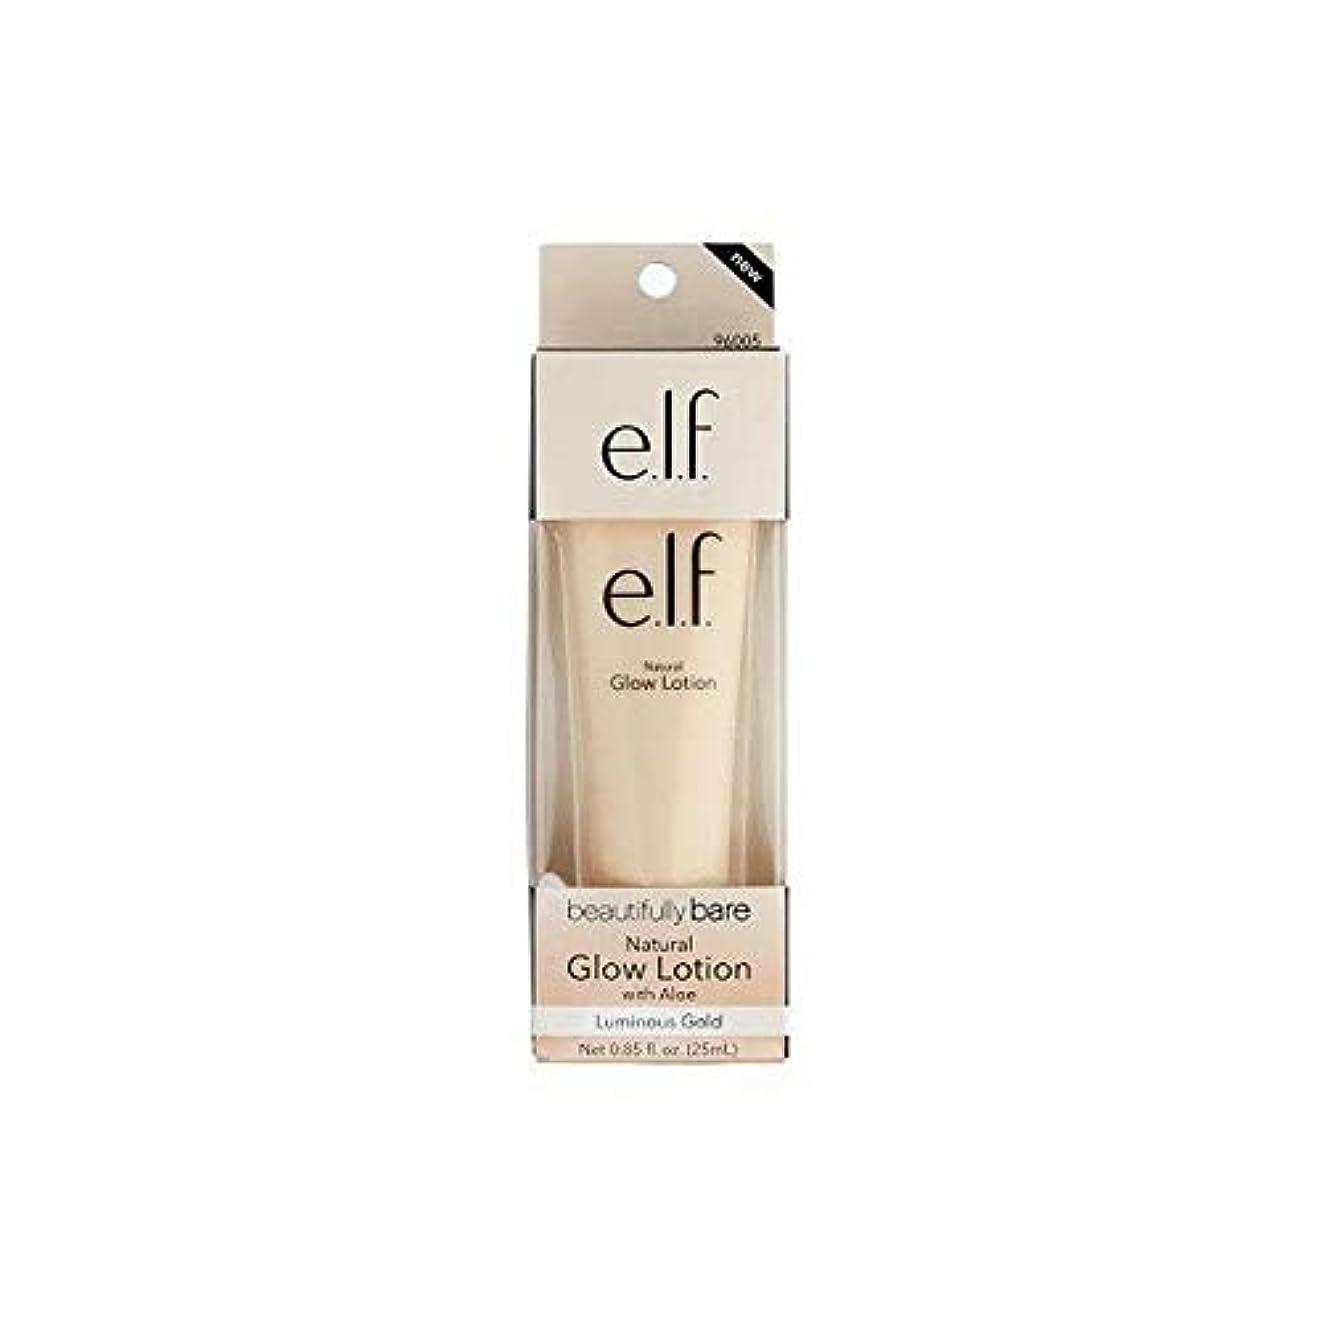 美容師殺します予防接種[Elf ] エルフ。美しく裸自然グローローション金 - e.l.f. Beautifully Bare Natural Glow Lotion gold [並行輸入品]